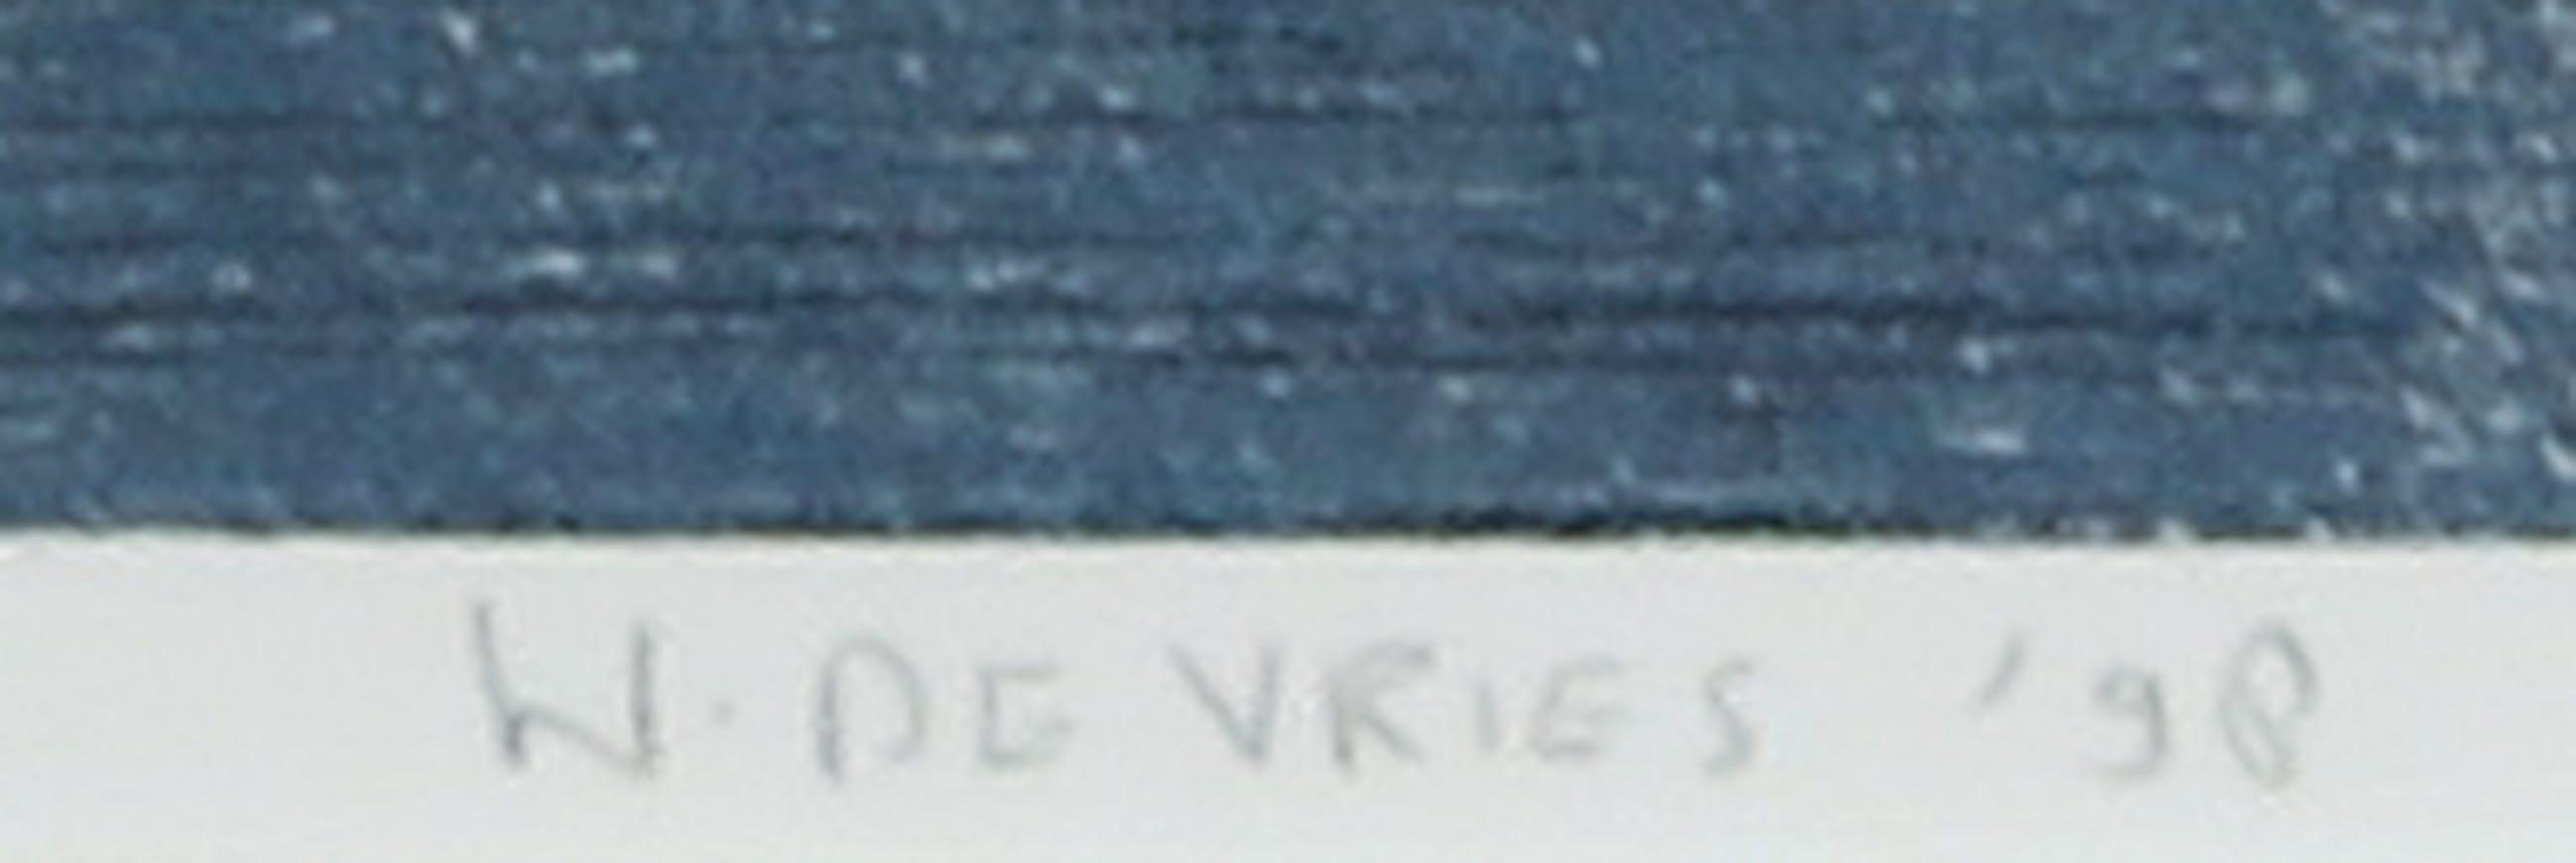 Willem de Vries - Houtsnede, Sussex XIII - Ingelijst kopen? Bied vanaf 20!